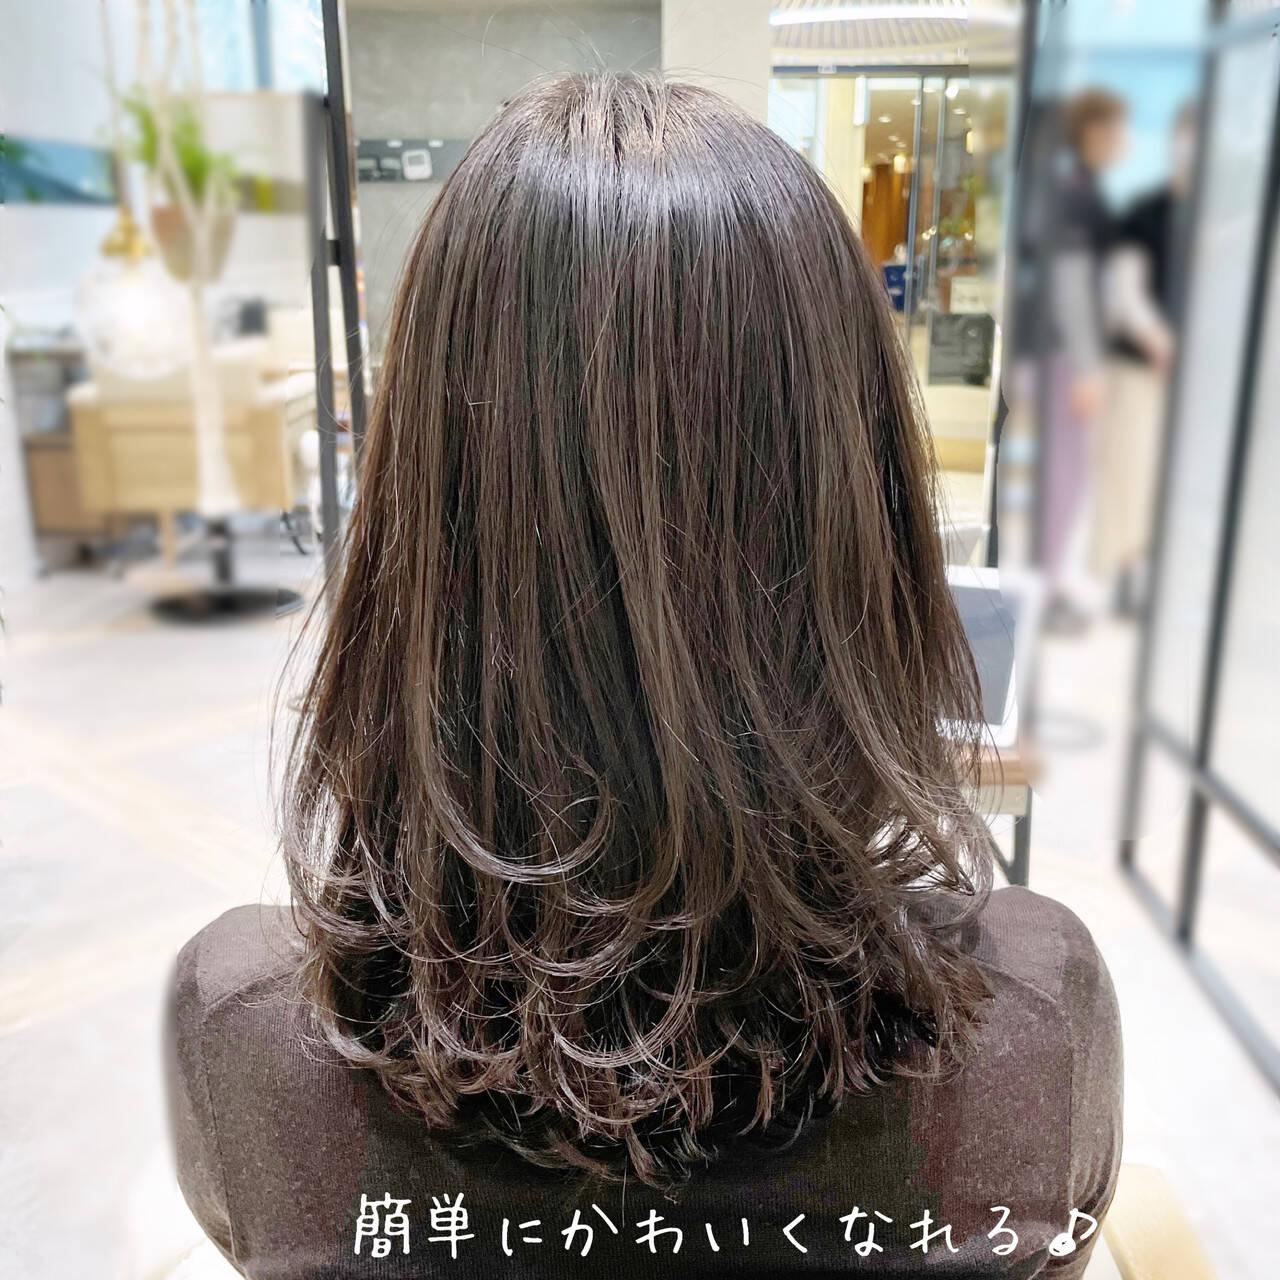 透明感カラー レイヤーカット ミディアムレイヤー ハイライトヘアスタイルや髪型の写真・画像